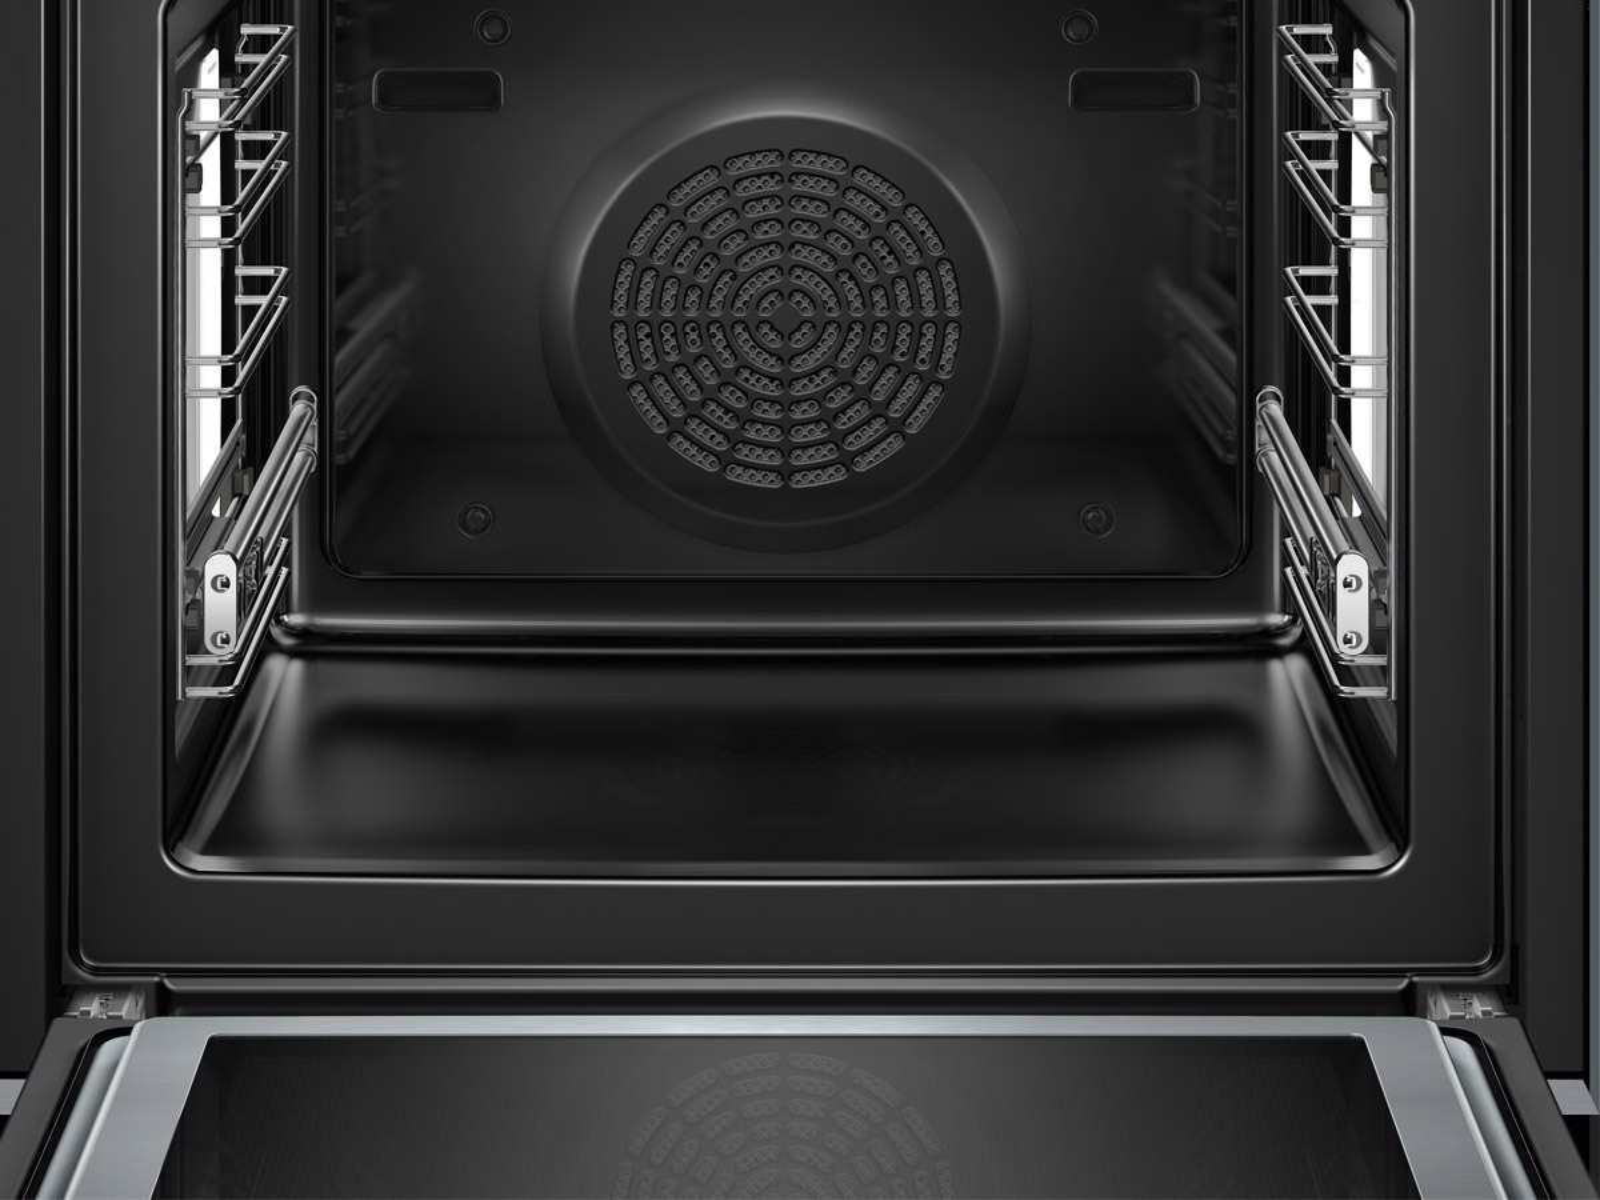 bosch hng6764s6 pyrolyse backofen mit mikrowelle edelstahl ebay. Black Bedroom Furniture Sets. Home Design Ideas